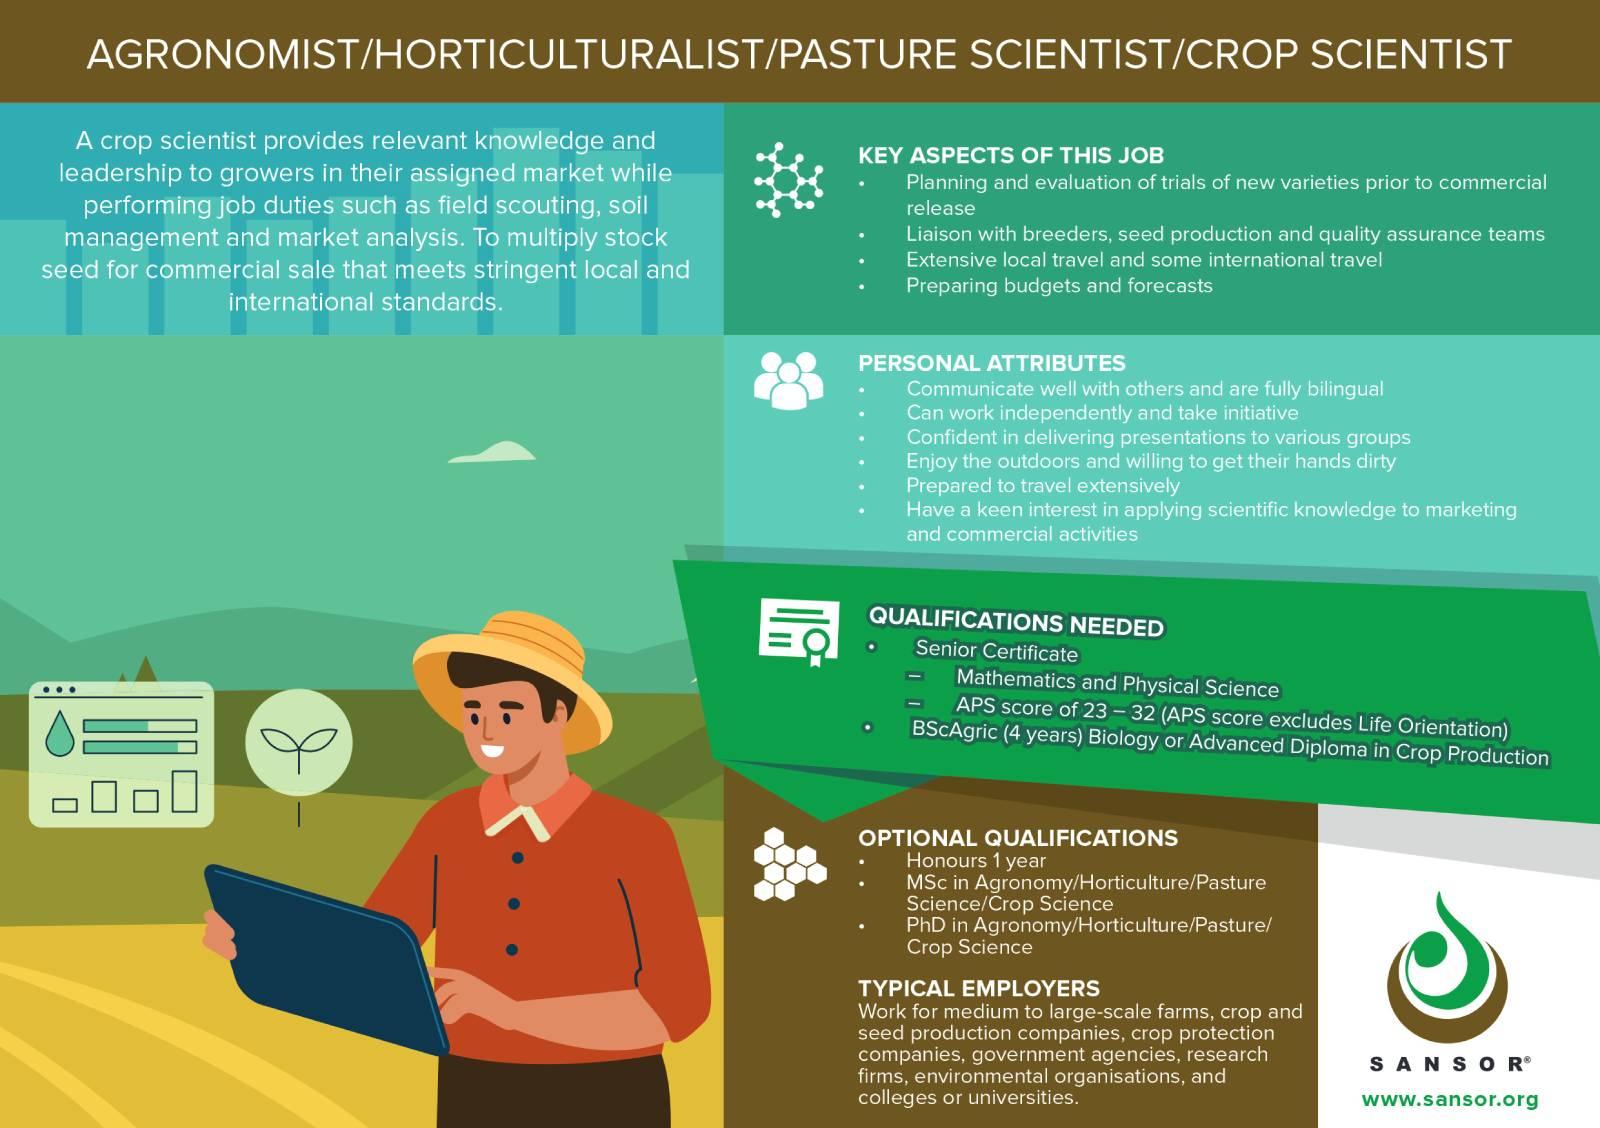 SANSOR - Crop Scientist